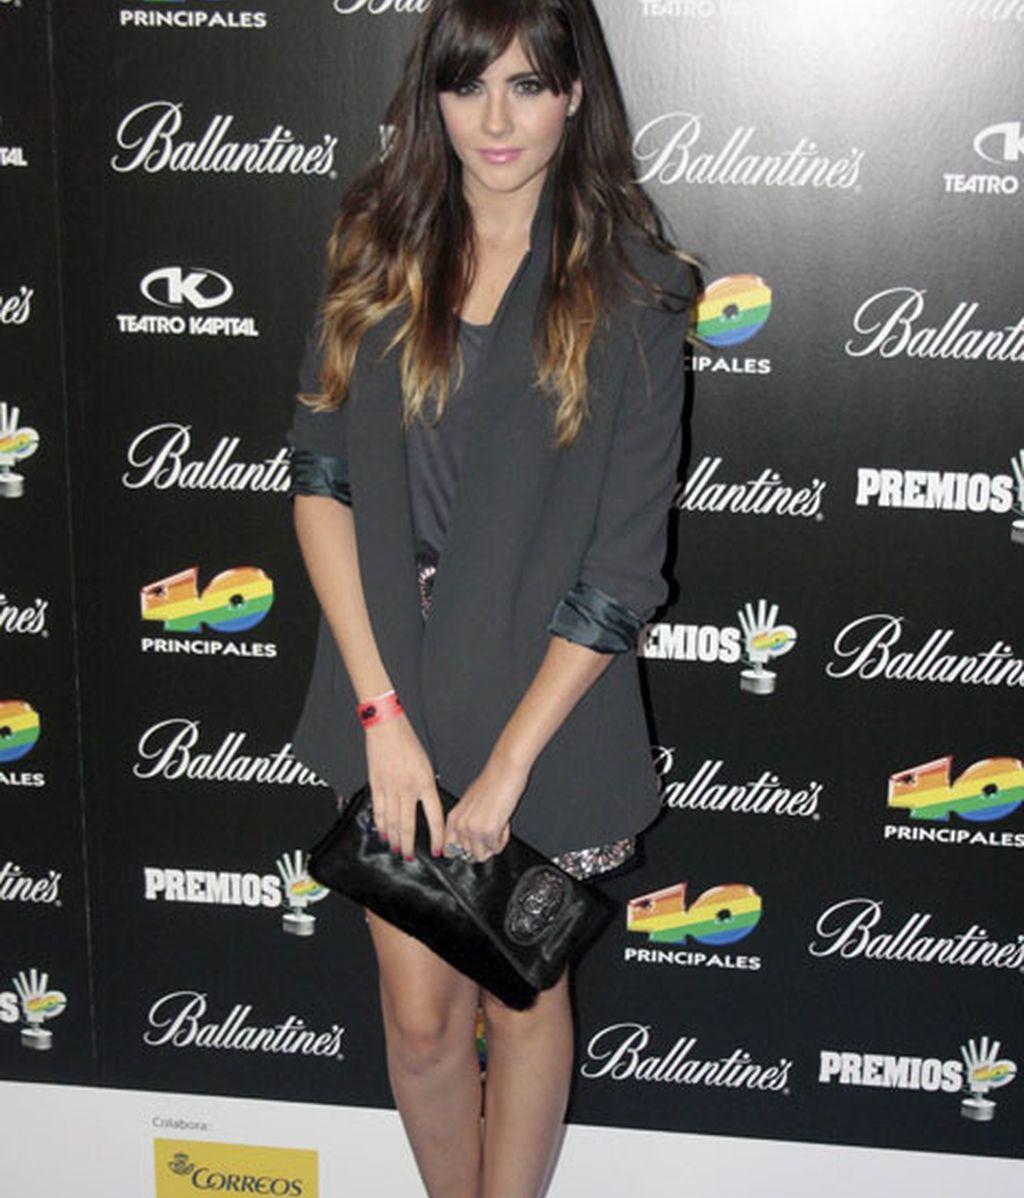 La actriz Lucía Ramos eligió un look sencillo